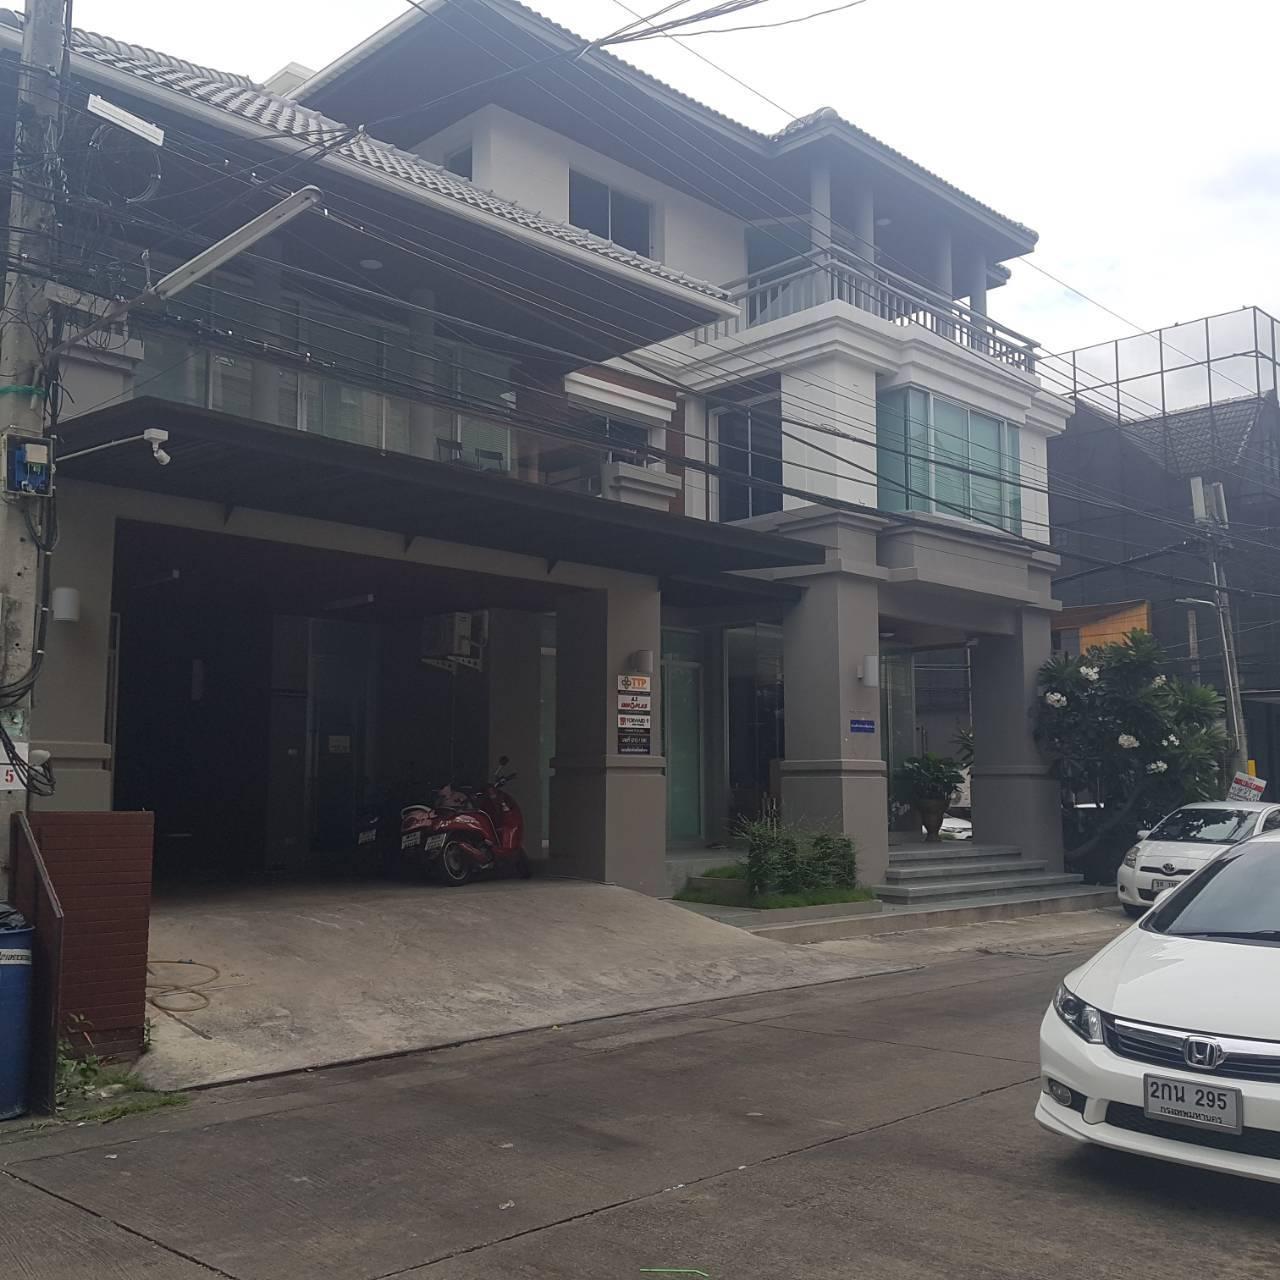 อาคารสำนักให้เช่า ทาวน์อินทาวน์  อาคารใหม่  ขนาด 600 ตรม  3 ชั้น ครึ่ง